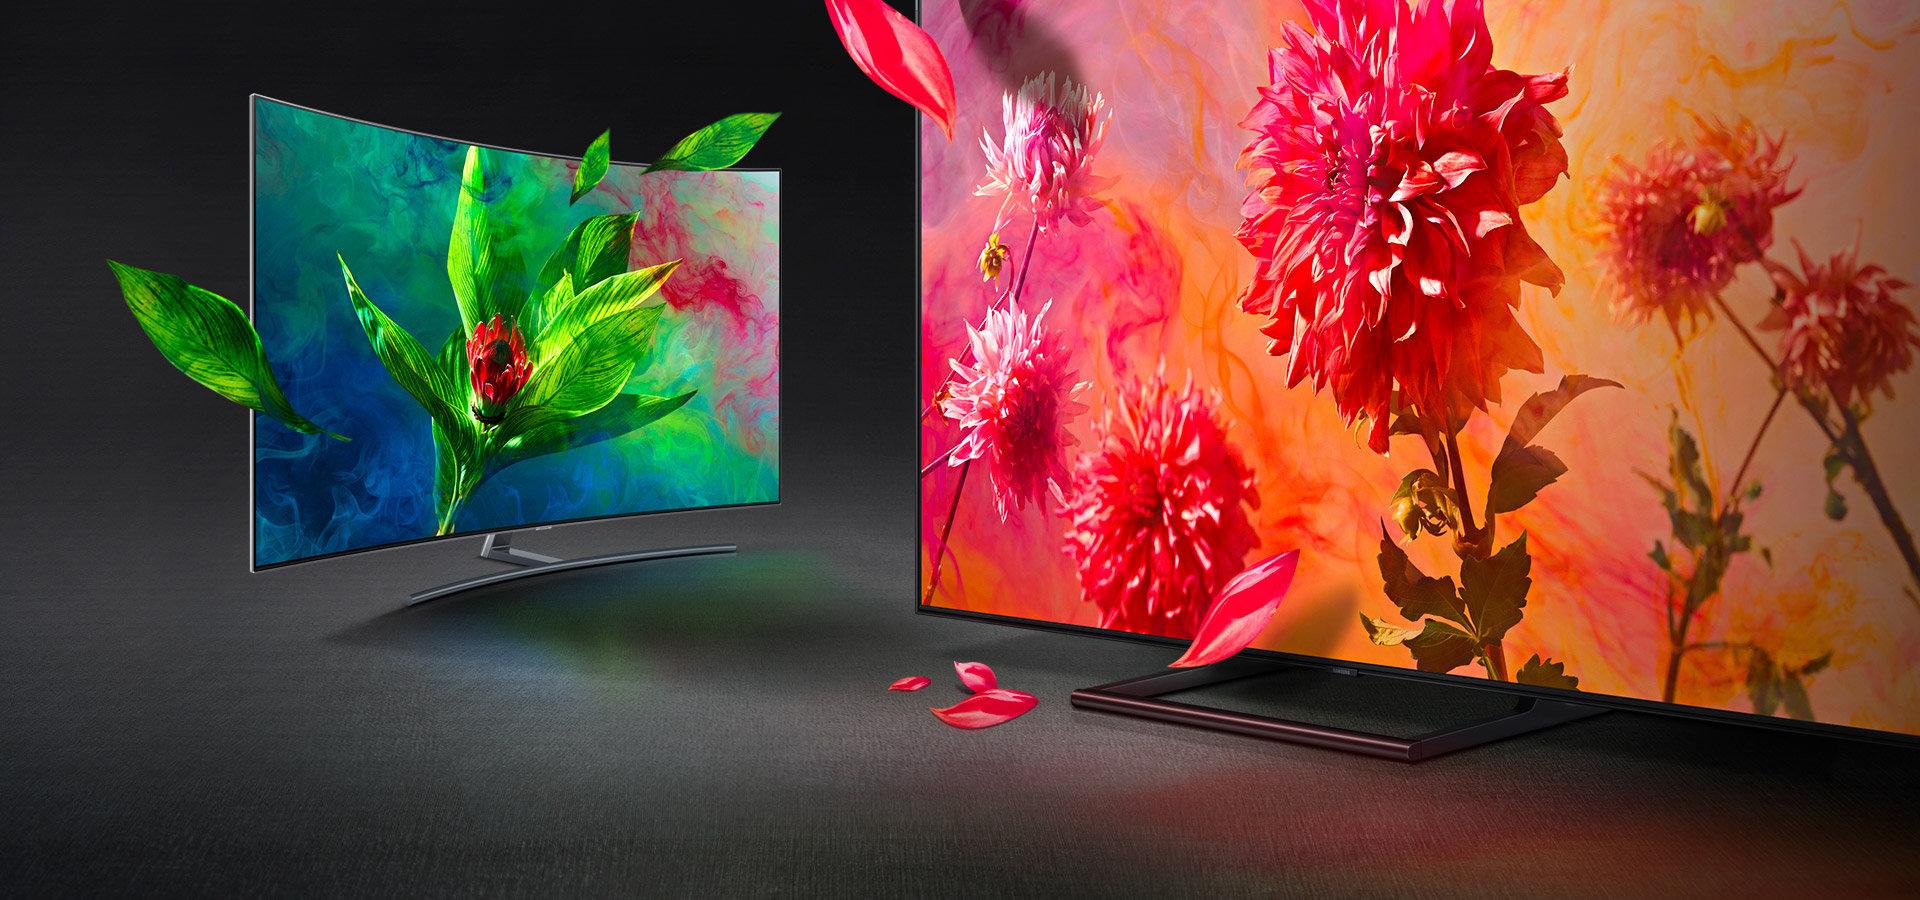 36971df35 Aký lacný a kvalitný televízor k PS4 alebo Xbox One konzole v lete 2018?